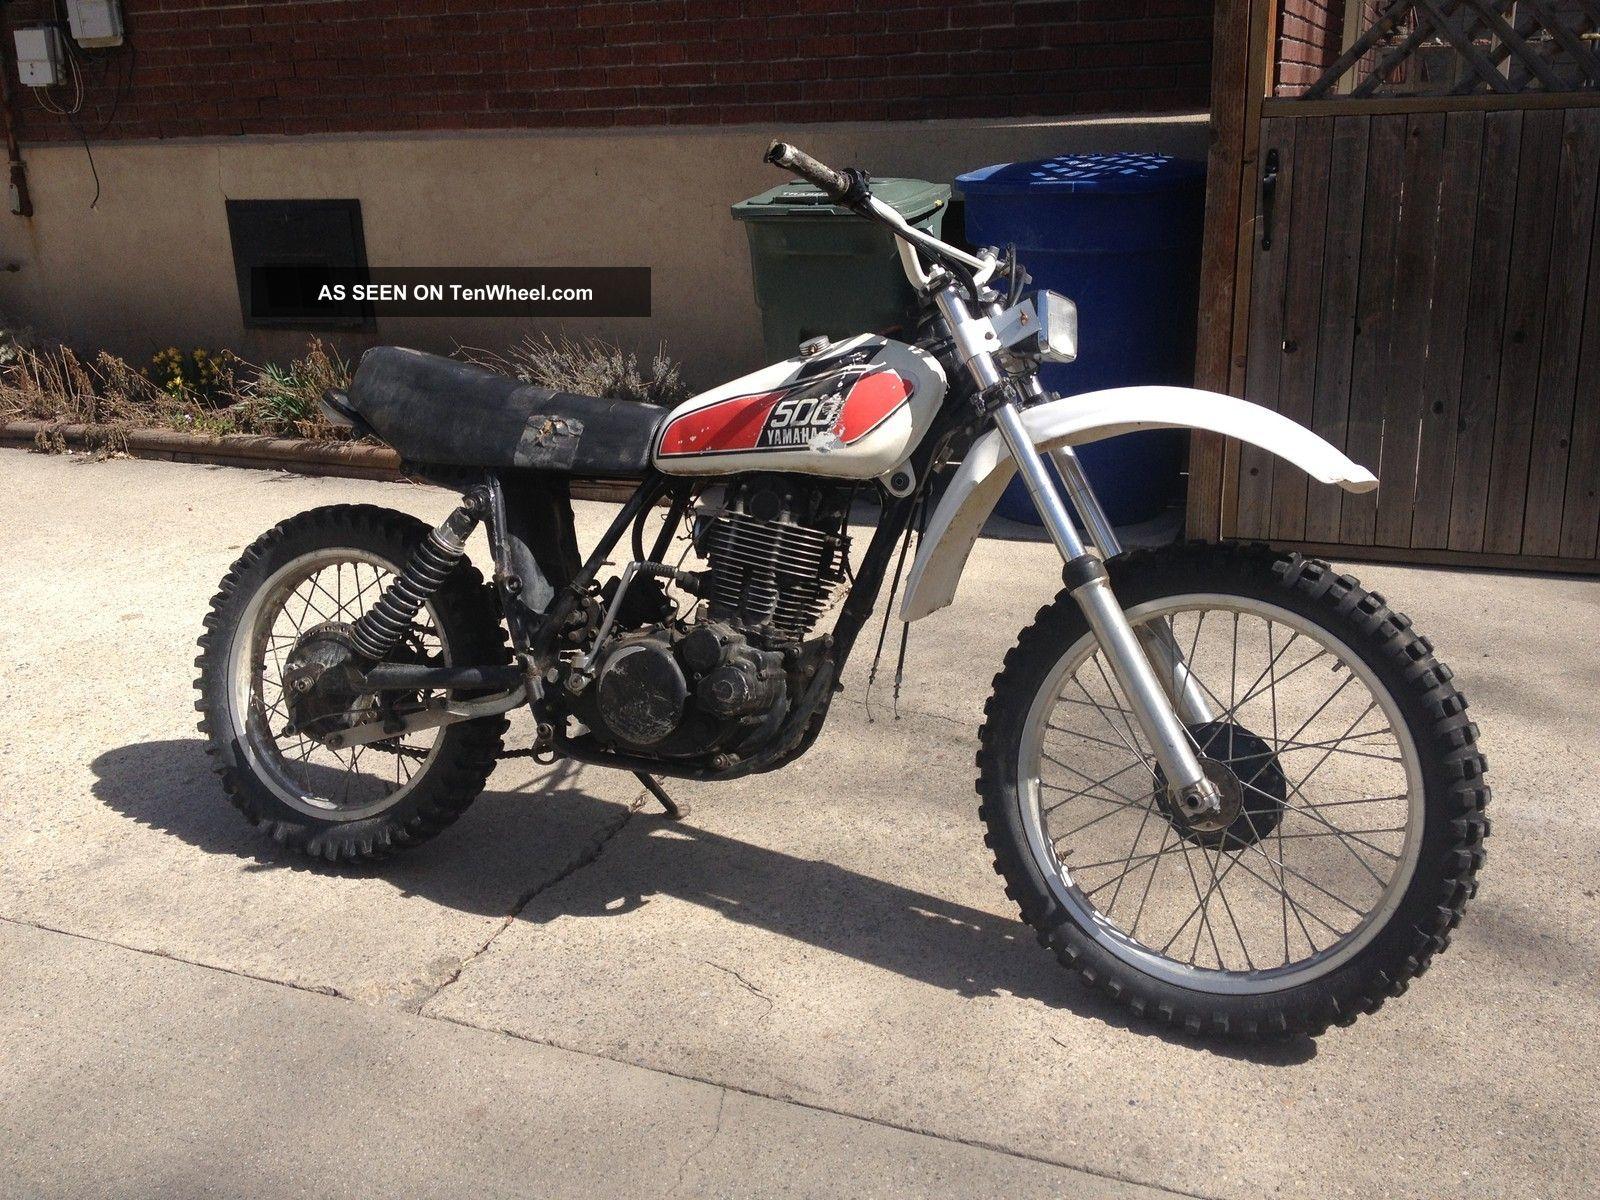 1976 yamaha xt500 tt500 xt tt 500 vintage ahrma dirt enduro motorcycle bike  ship